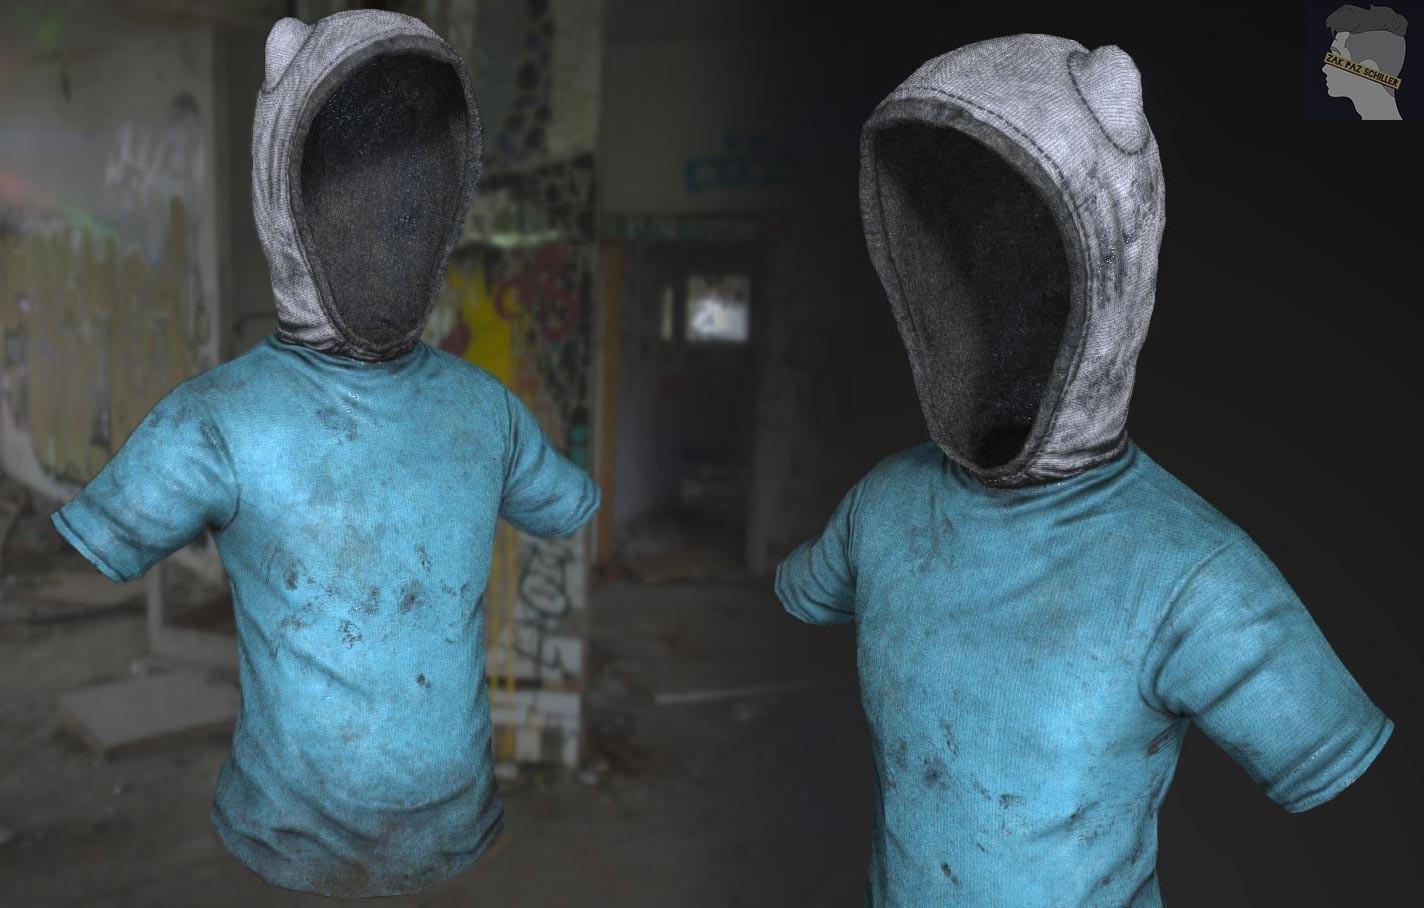 Finn's clothing post-substance work.